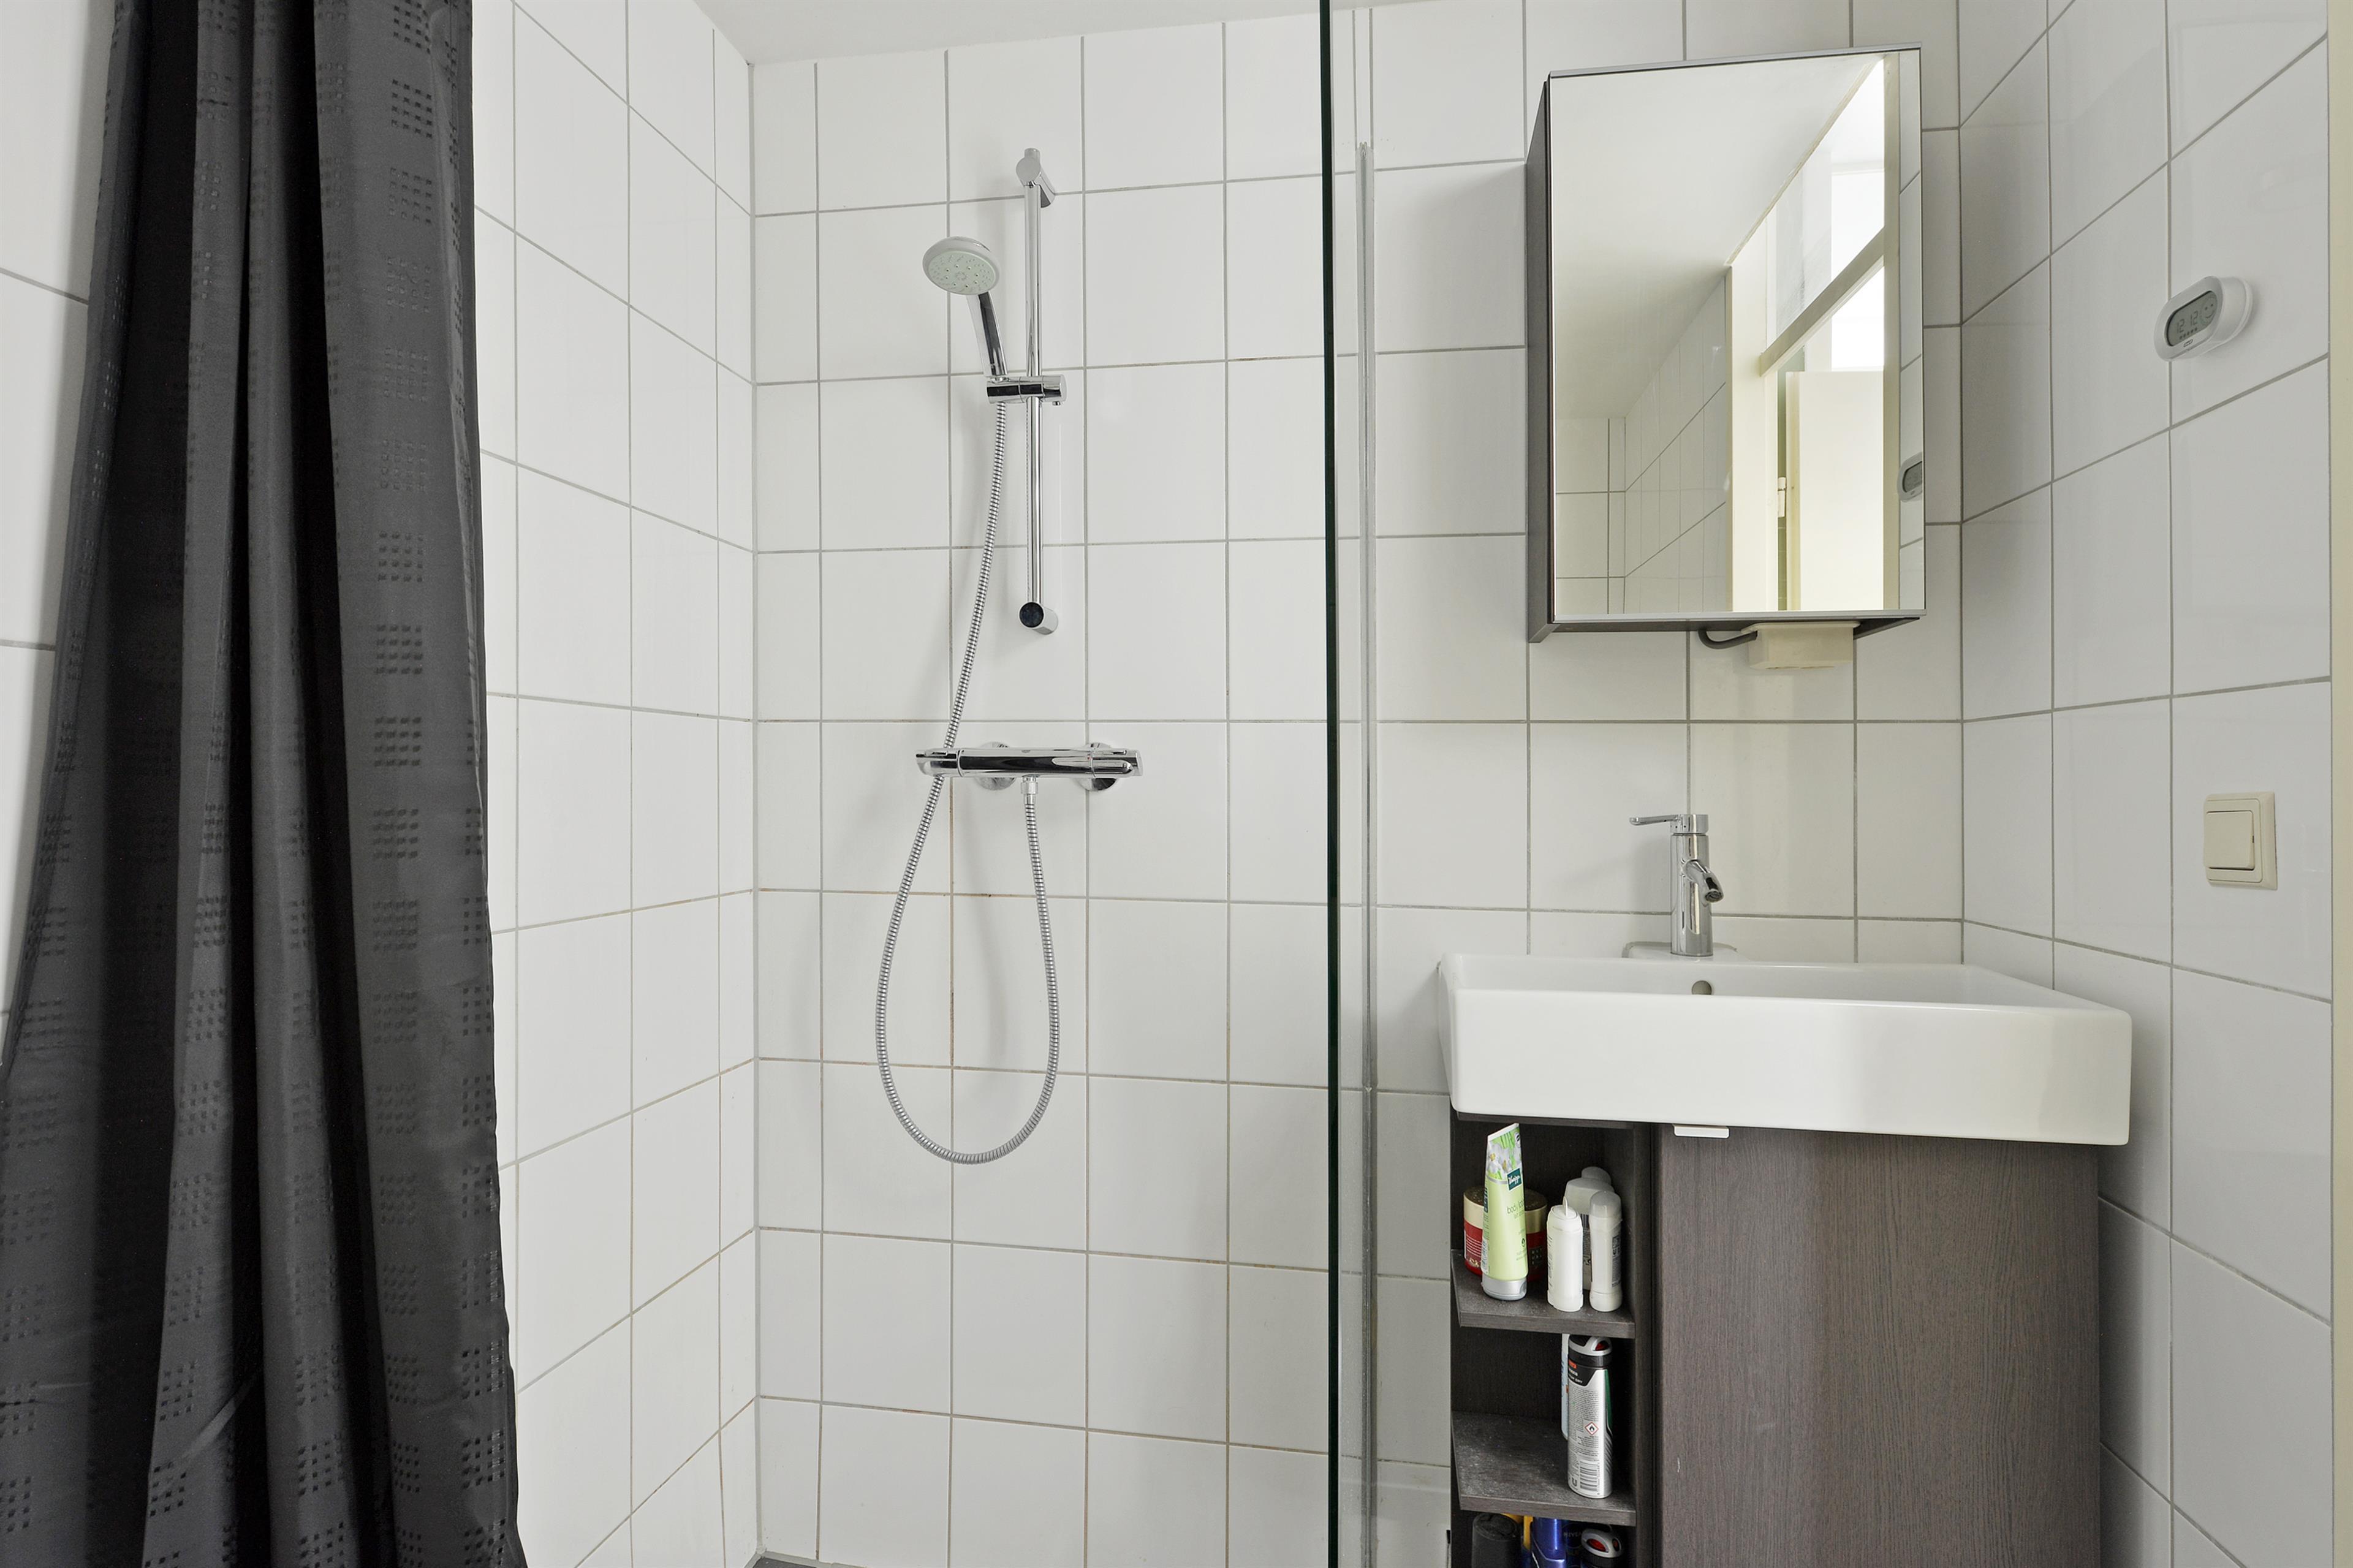 Te koop nieuwe purmerweg 126 amsterdam hoekstra en van eck m r makelaar - Functionele badkamer ...